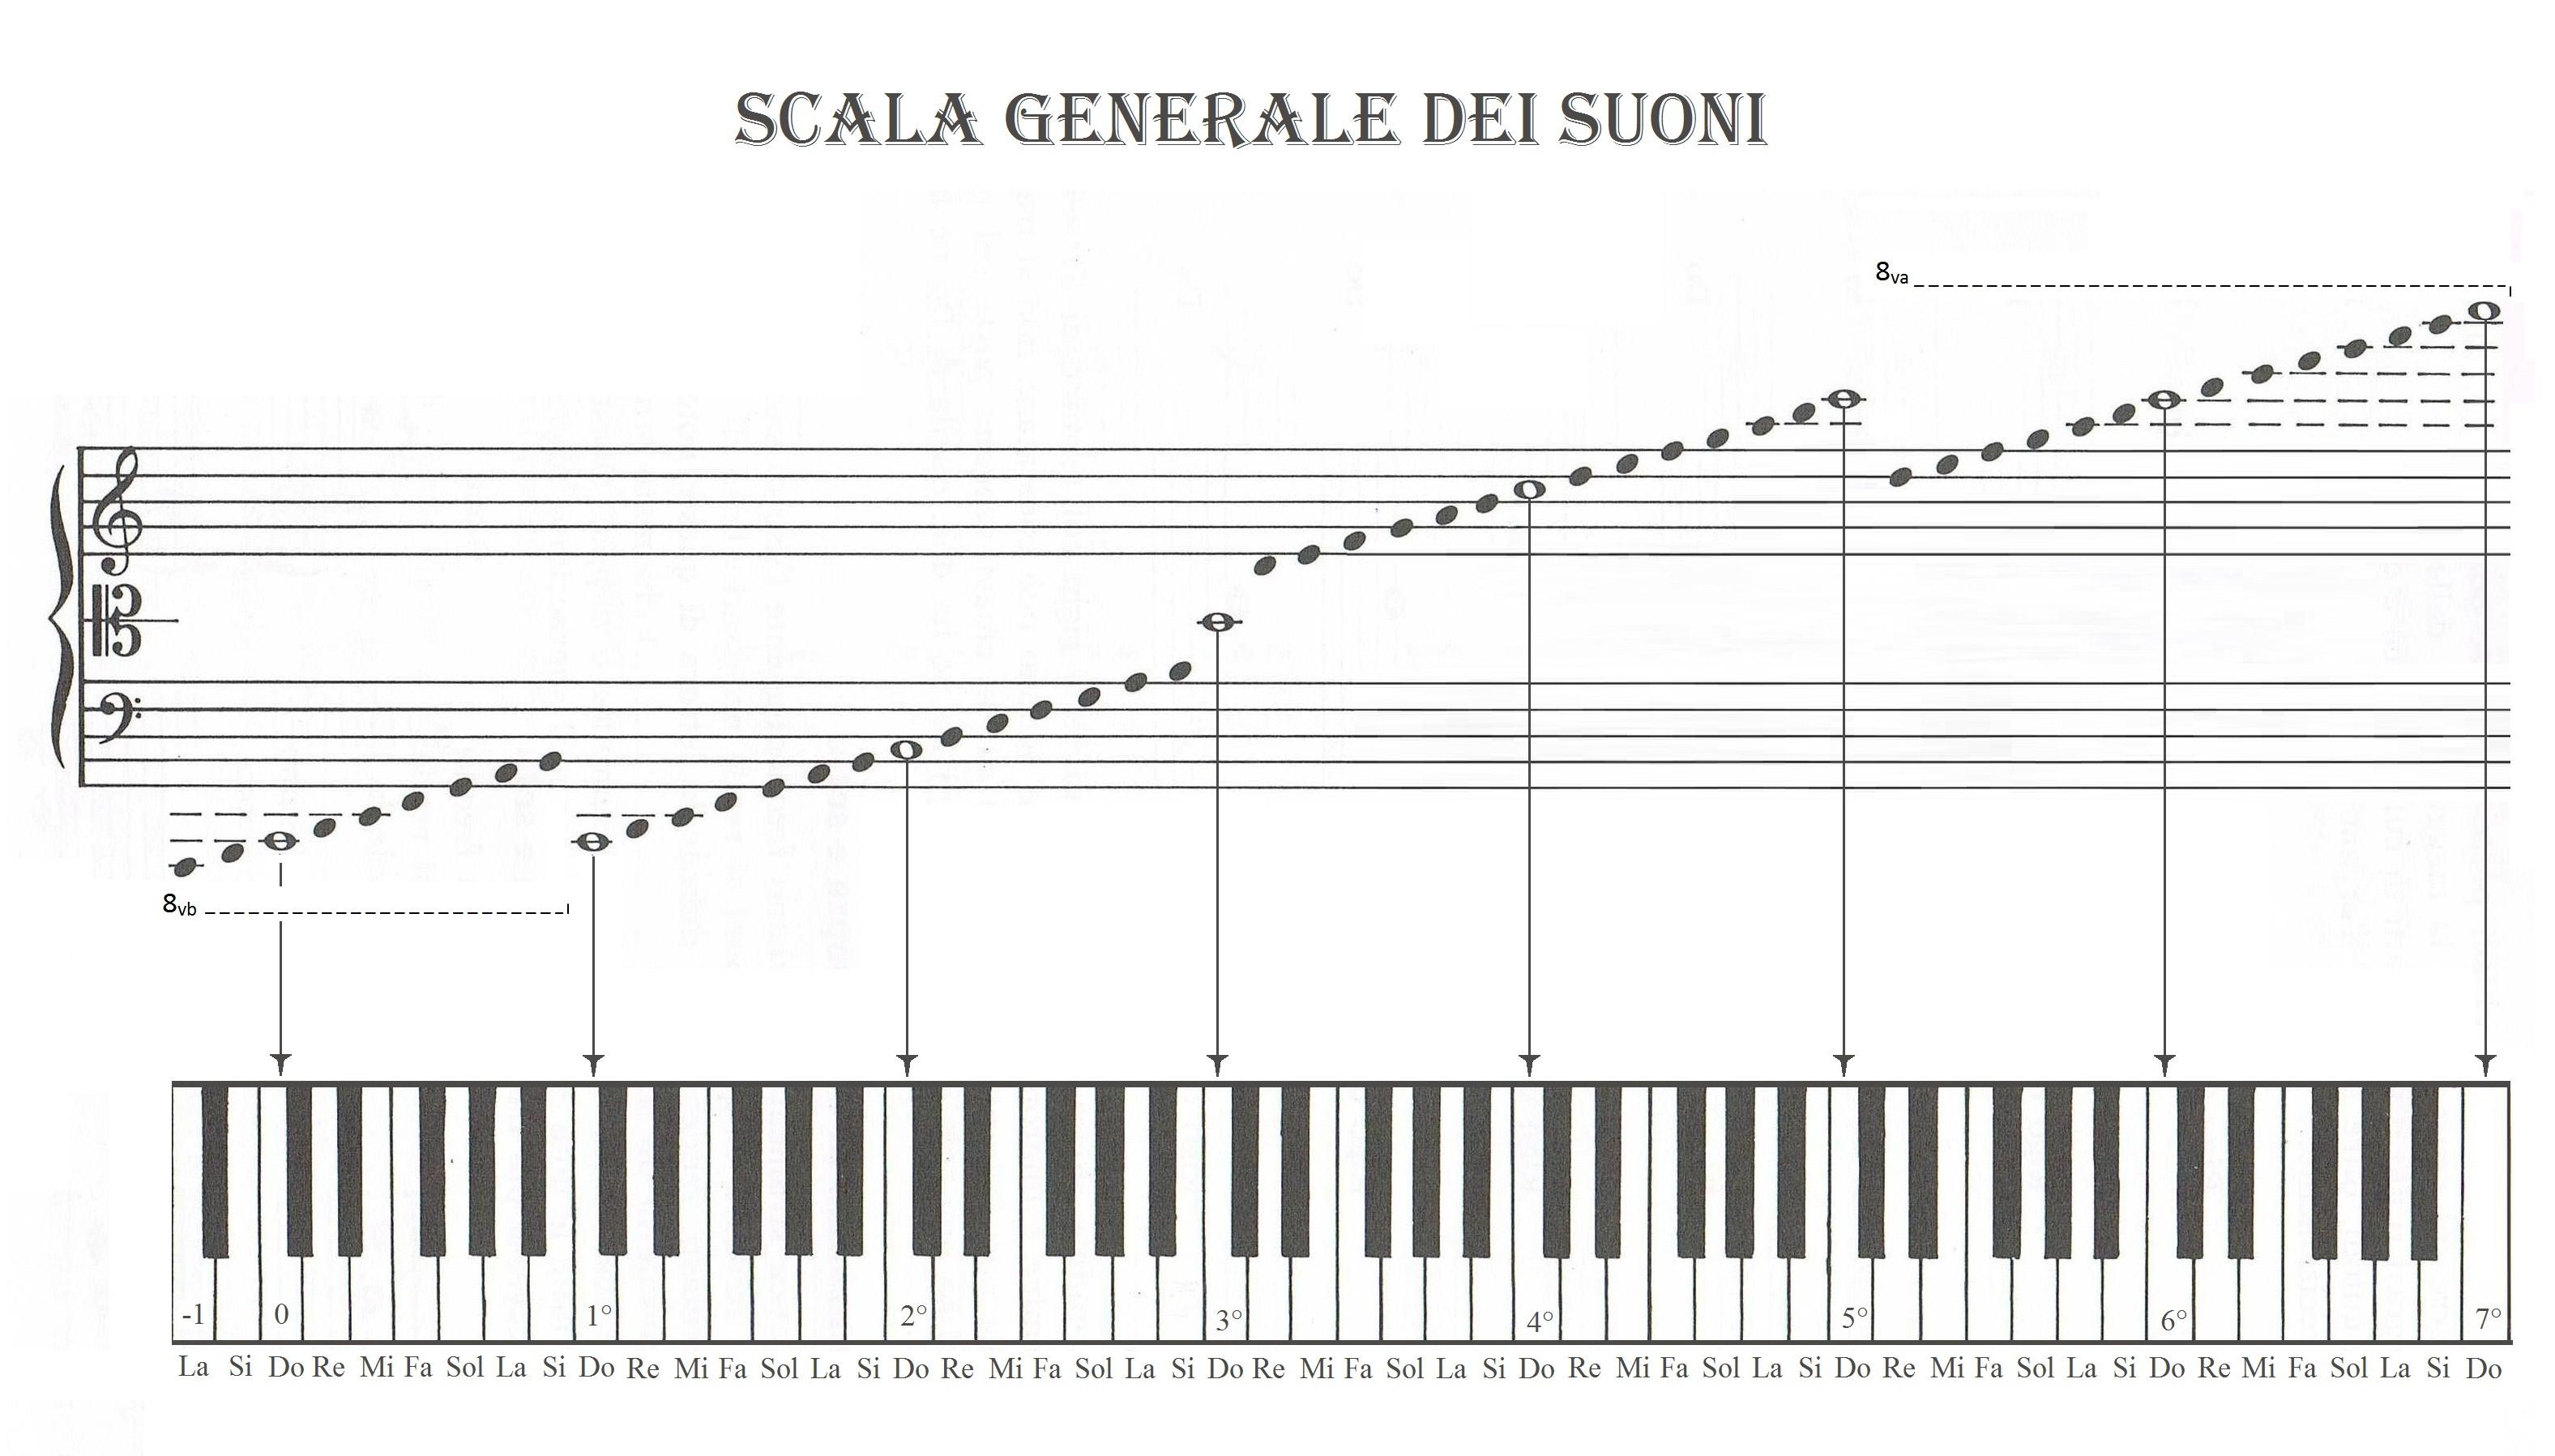 scala generale dei suoni